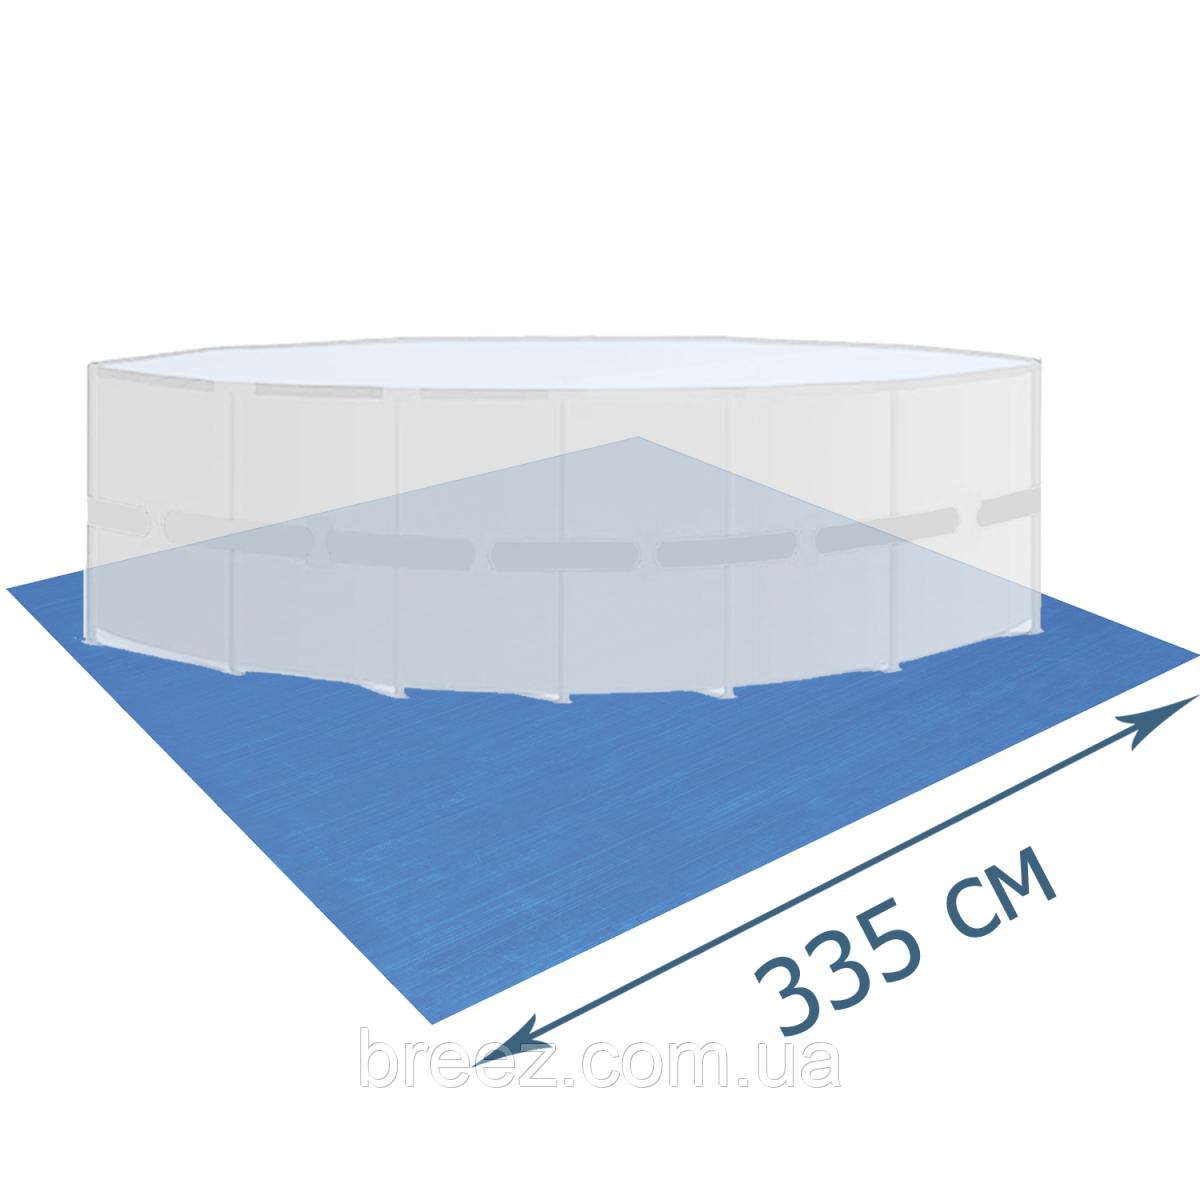 Подстилка для бассейна Bestway 58001 335 х 335 см квадратная